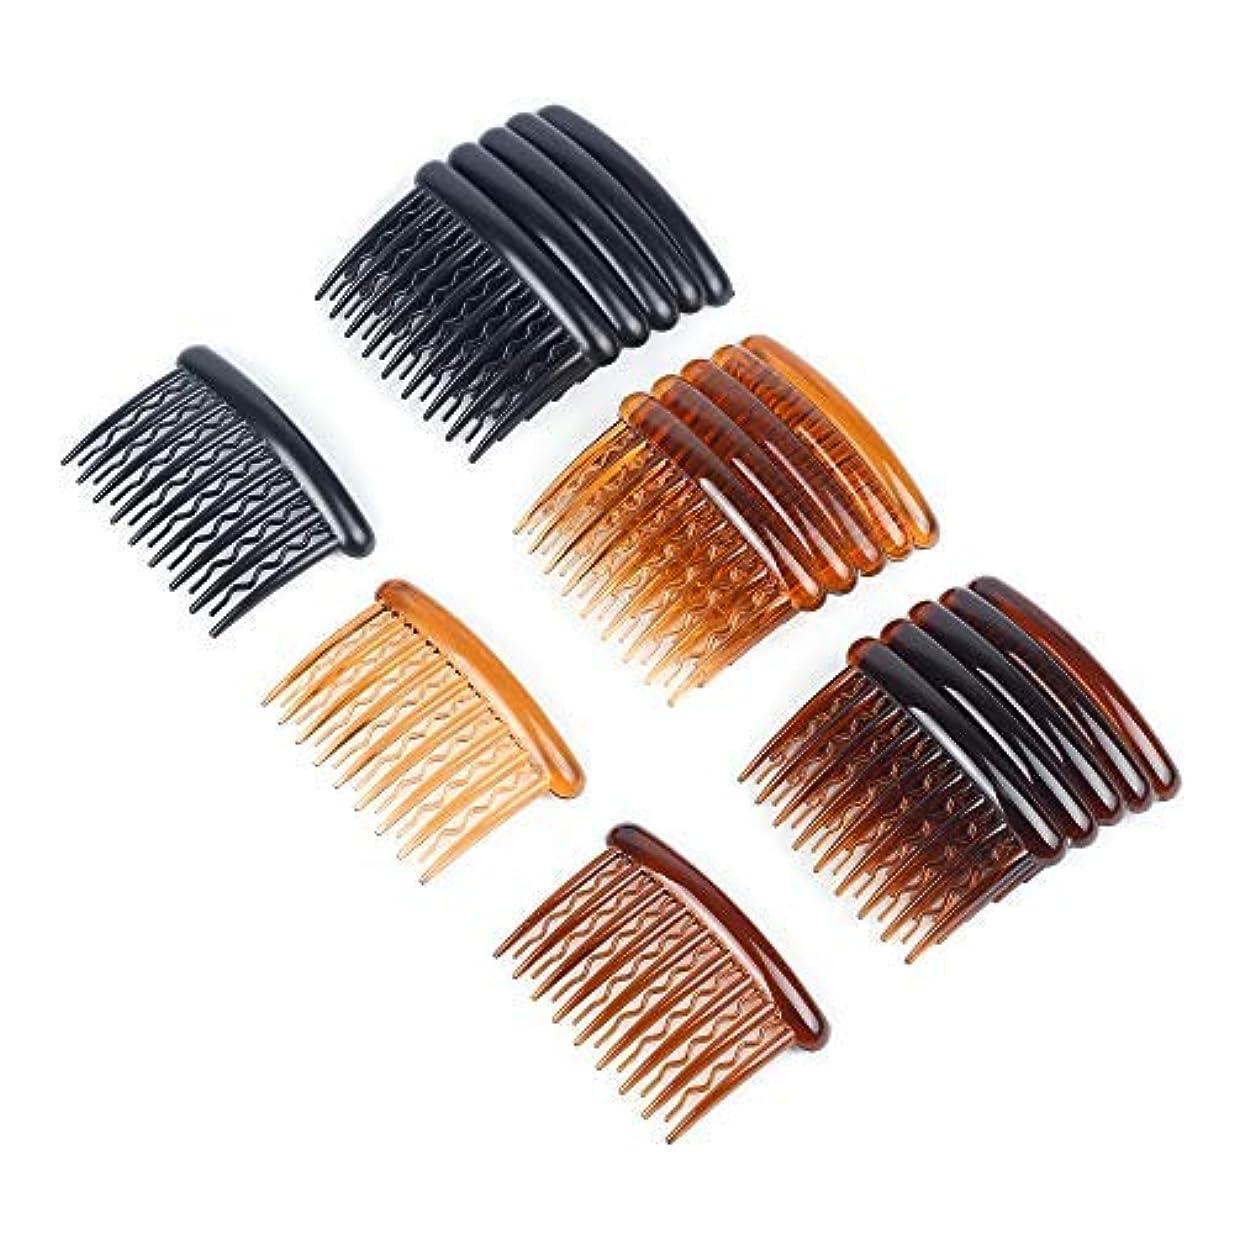 恐れる二層文字WBCBEC 18 Pieces Plastic Teeth Hair Combs Tortoise Side Comb Hair Accessories for Fine Hair [並行輸入品]